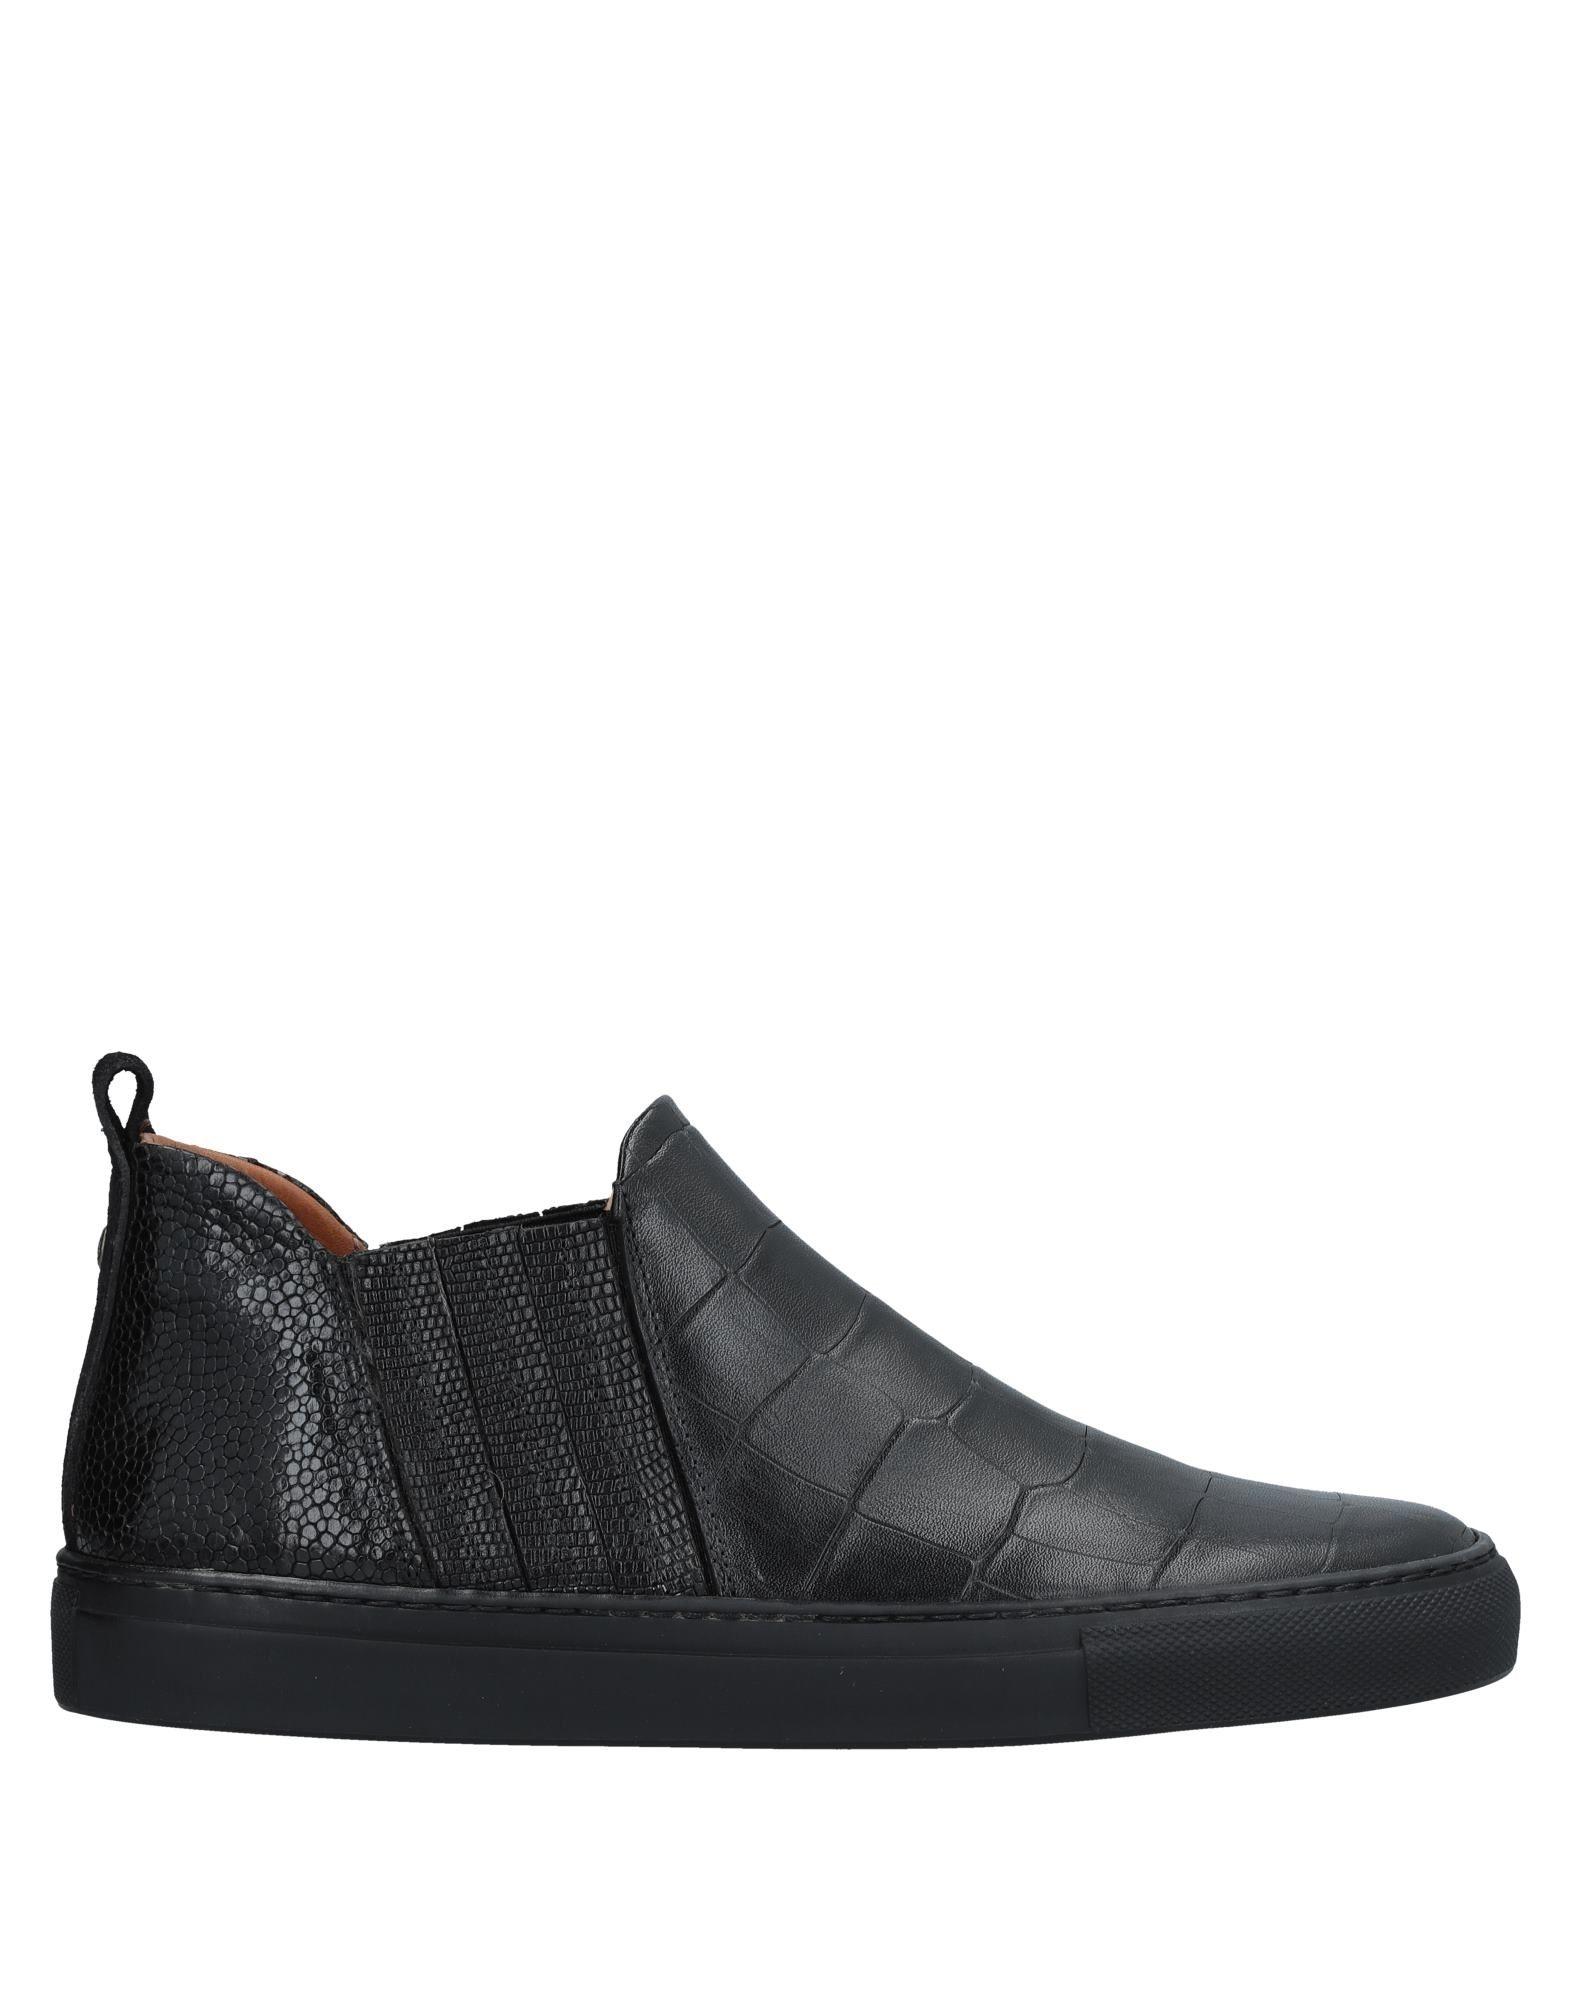 Scarpe economiche e resistenti Sneakers Buttero  Donna - 11537291BH